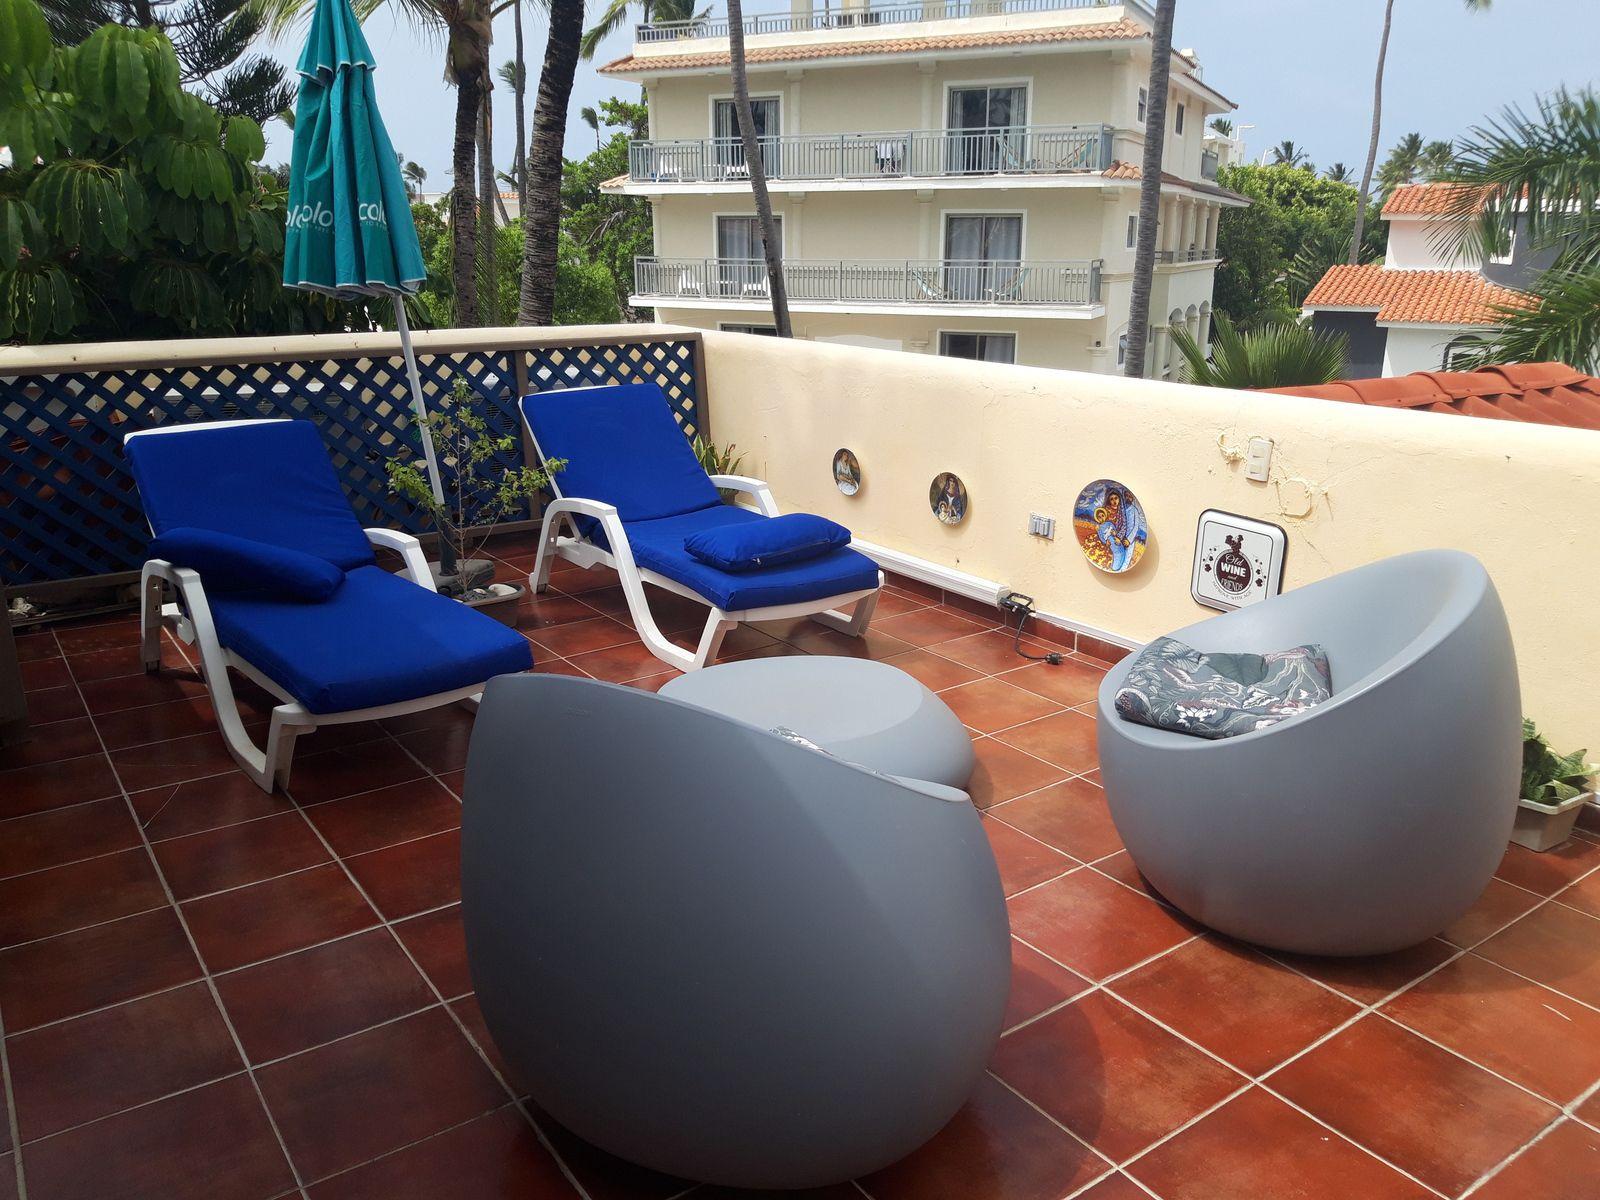 ALBUM PHOTOS - V & V Beach House - Los Corales - Bavaro (Location de vacances)